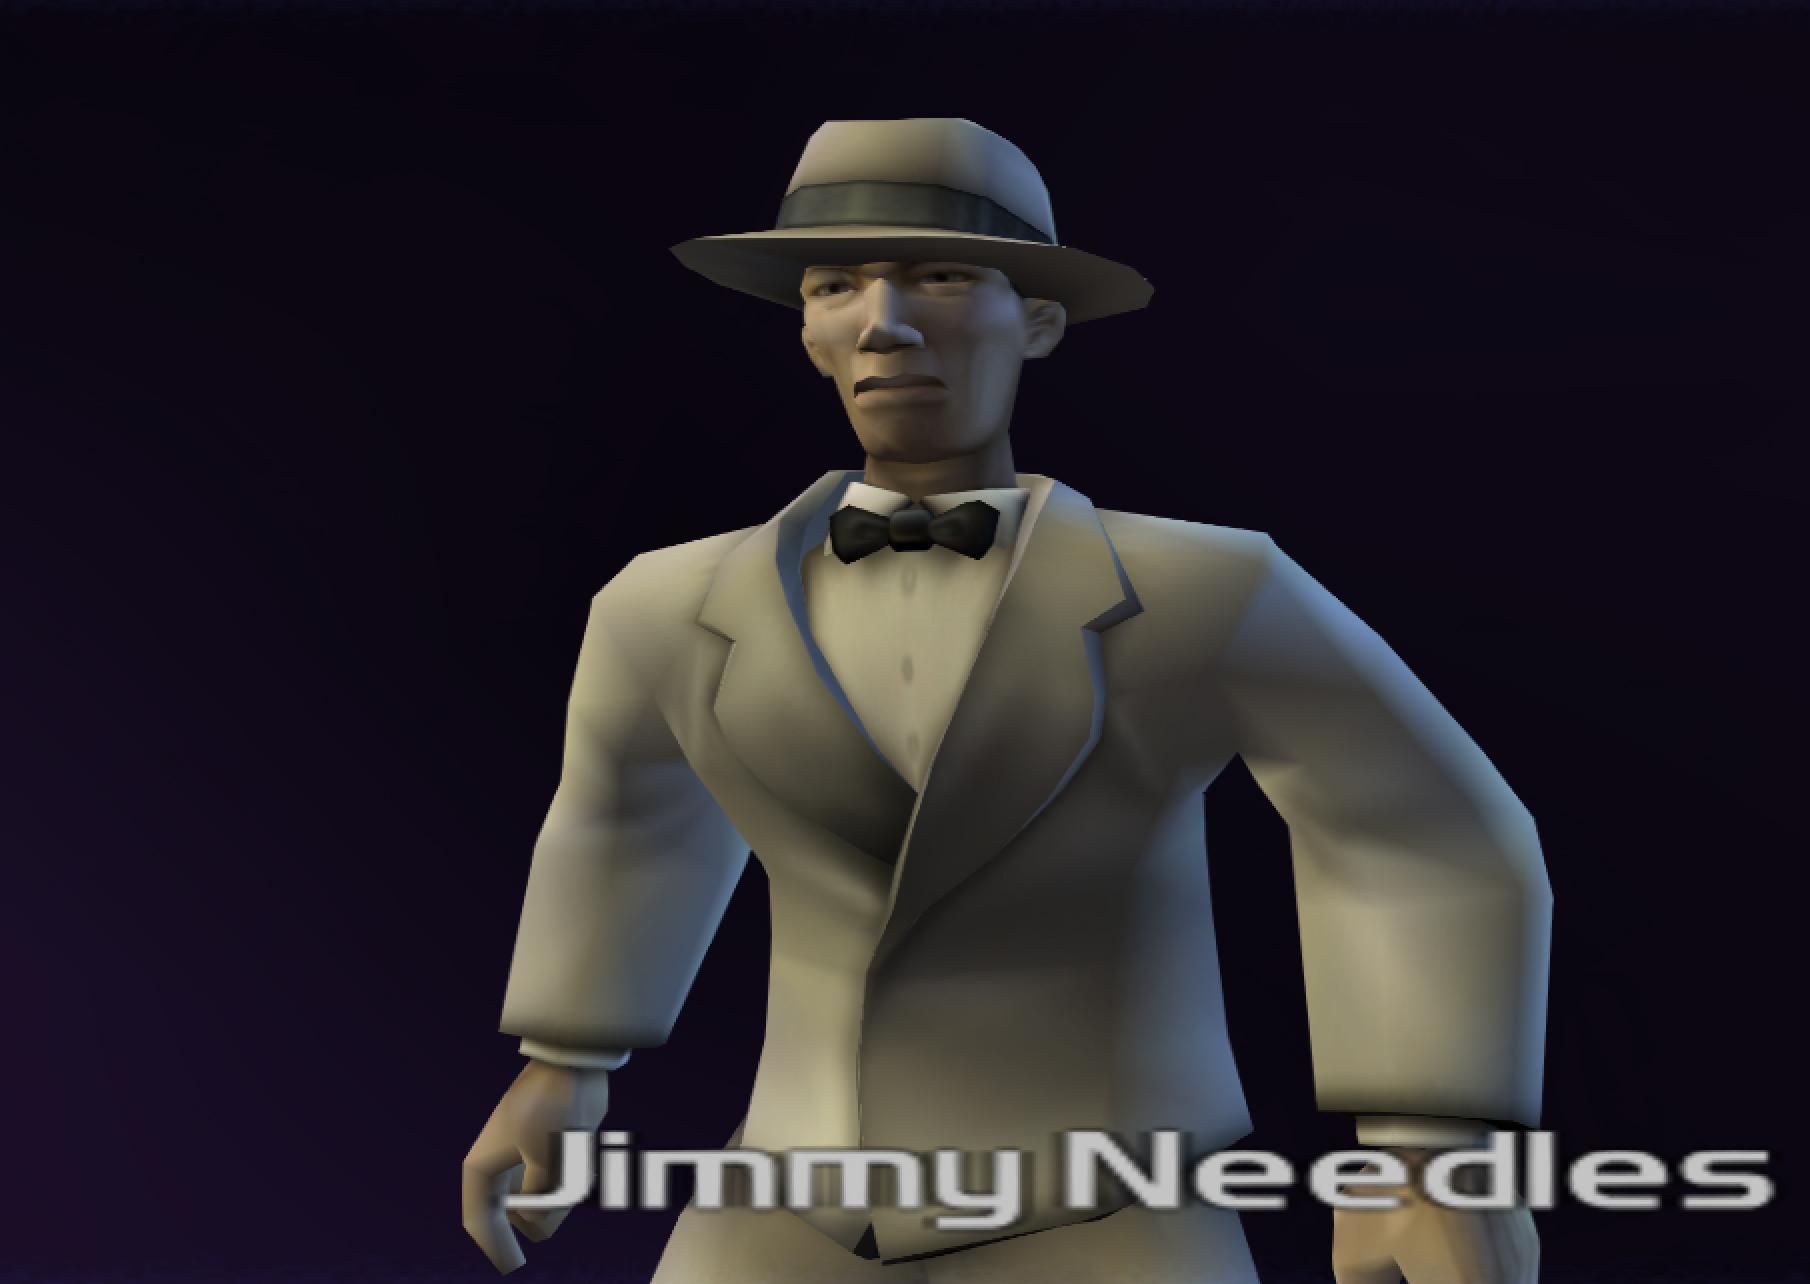 Jimmy Needles